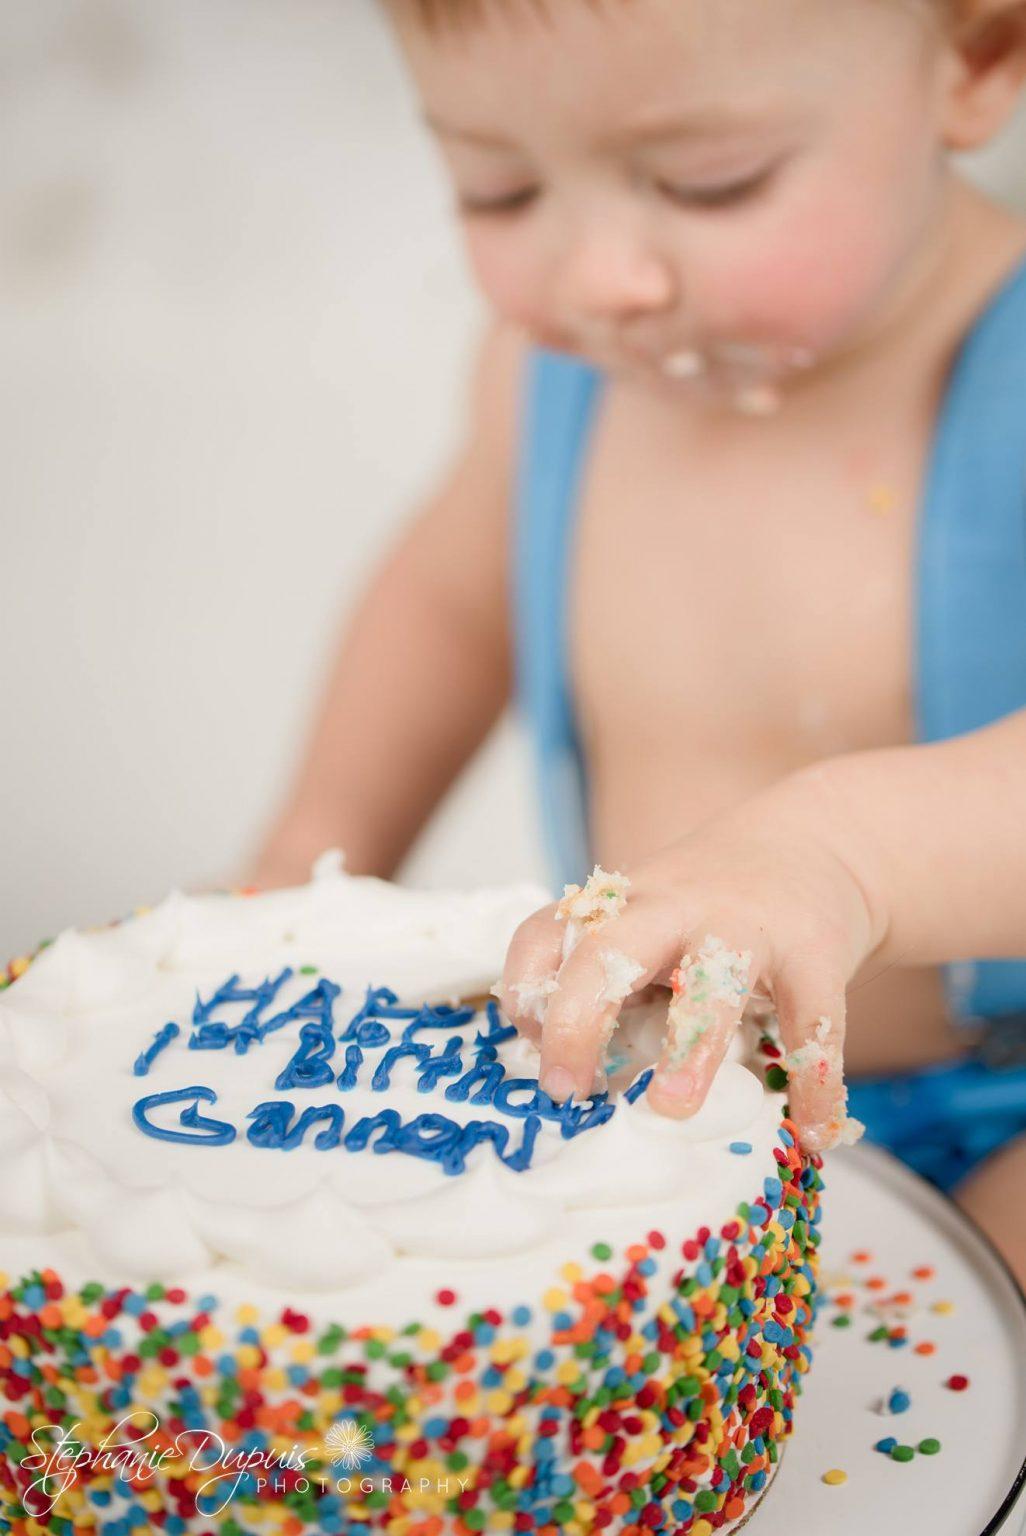 Bisson cake smash 7 1026x1536 - Portfolio: Gannon Cake Smash